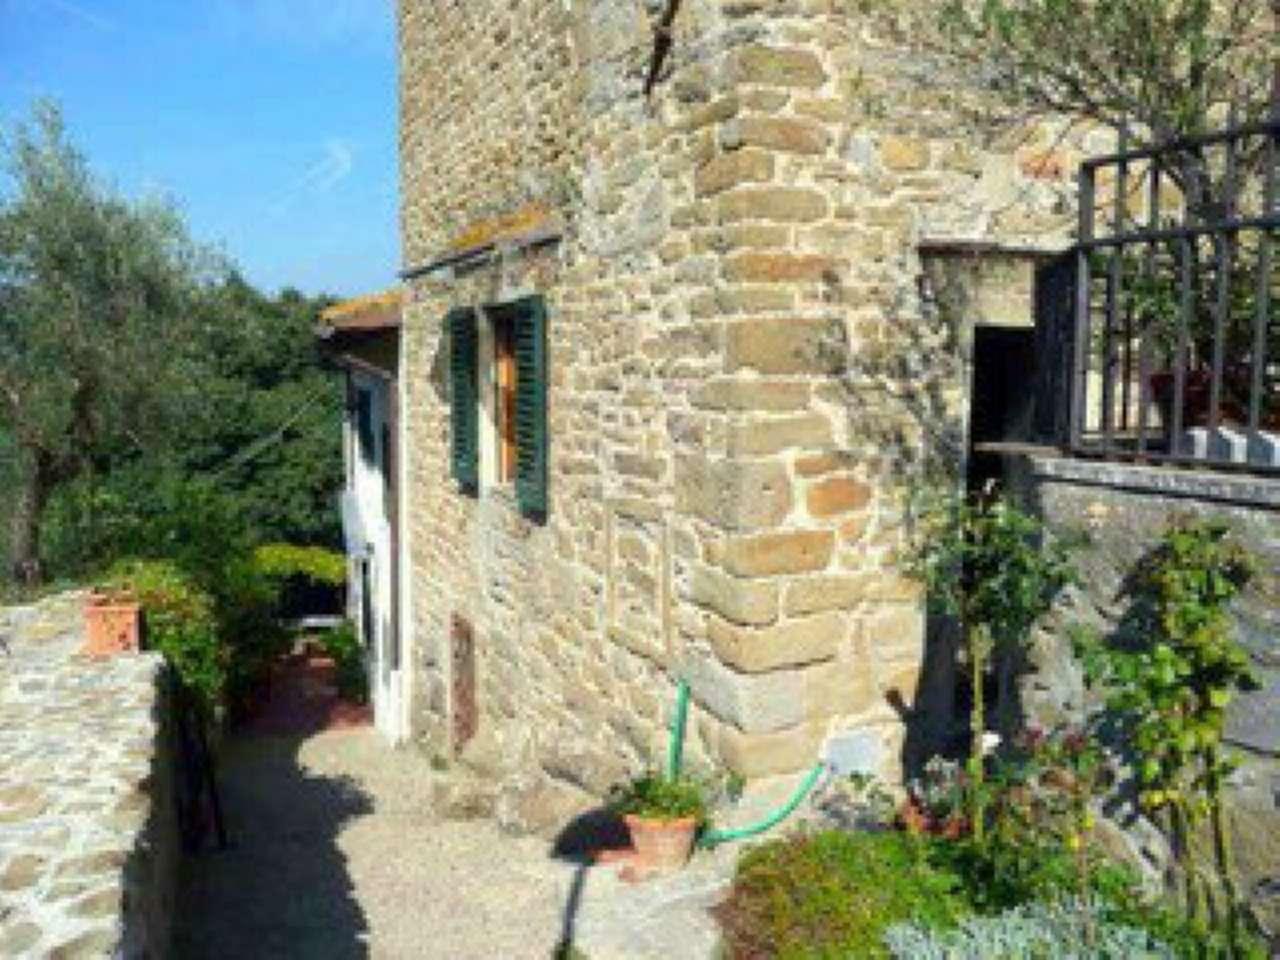 Palazzo / Stabile in affitto a Fiesole, 3 locali, prezzo € 850 | Cambio Casa.it